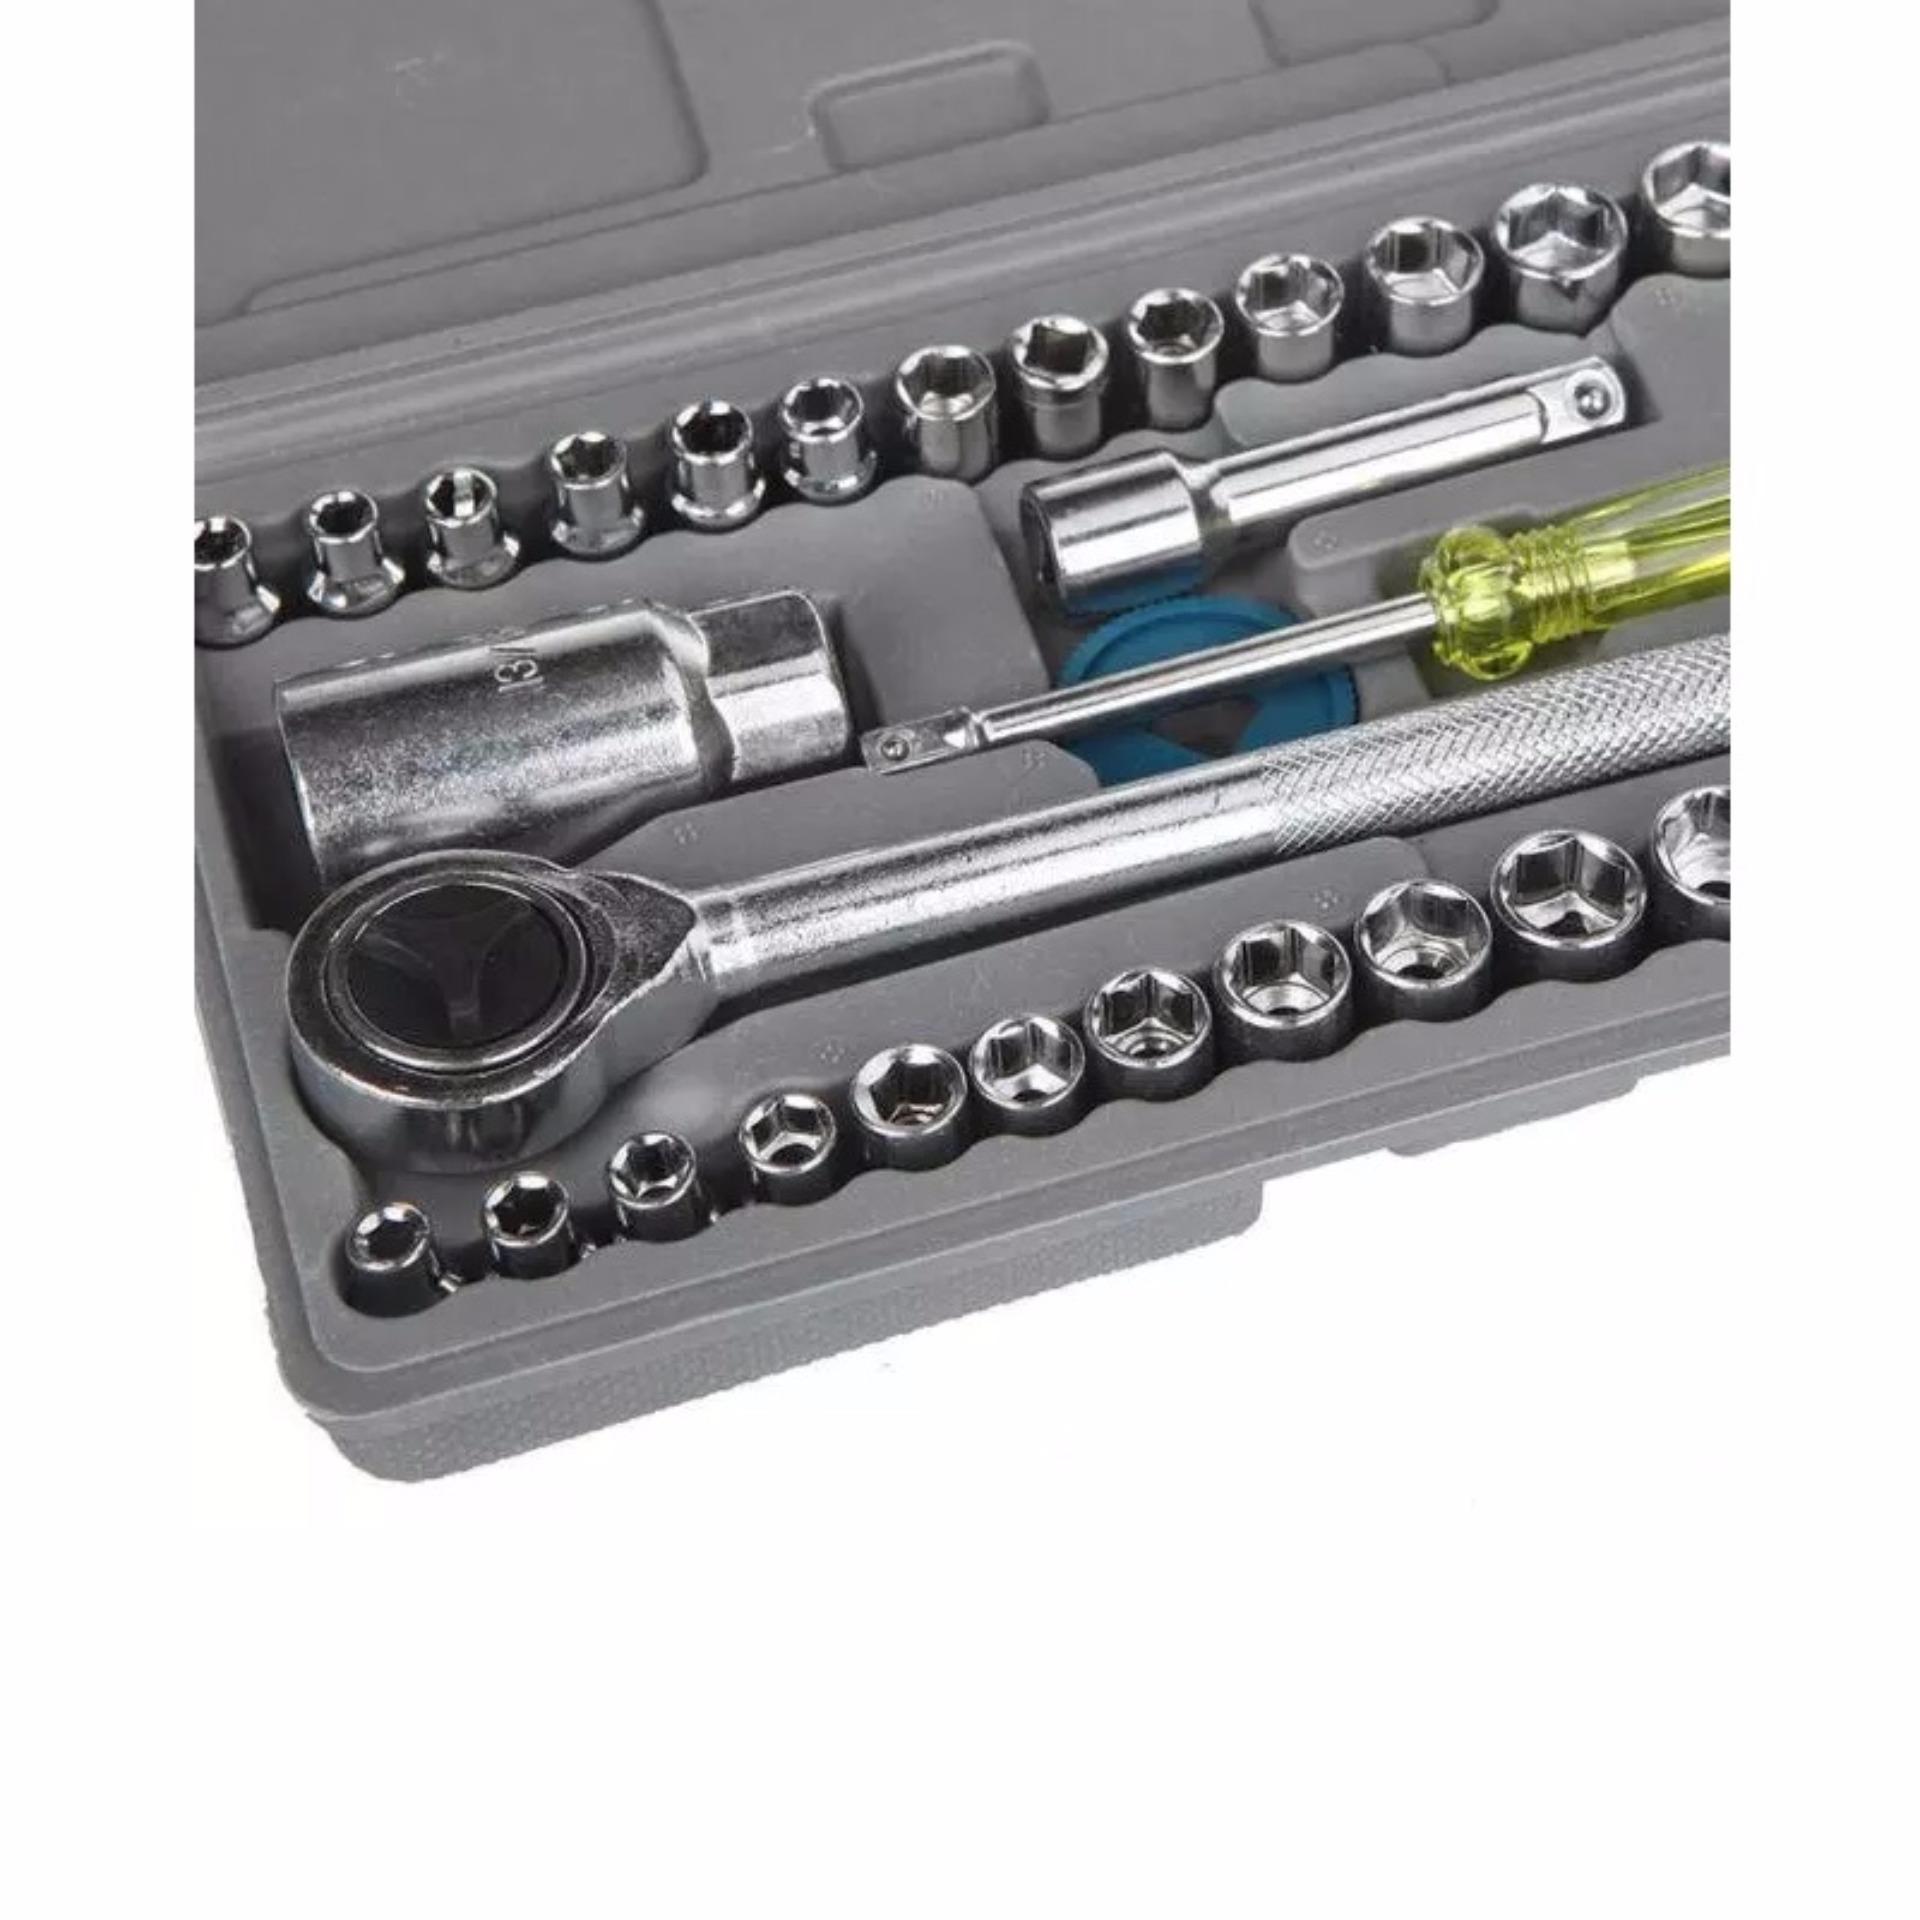 Alat Kunci Sok Pas Lengkap Socket + Obeng + Toolbox Mudah Dibawa Untuk Mobil / Motor Bahan Awet Kuat